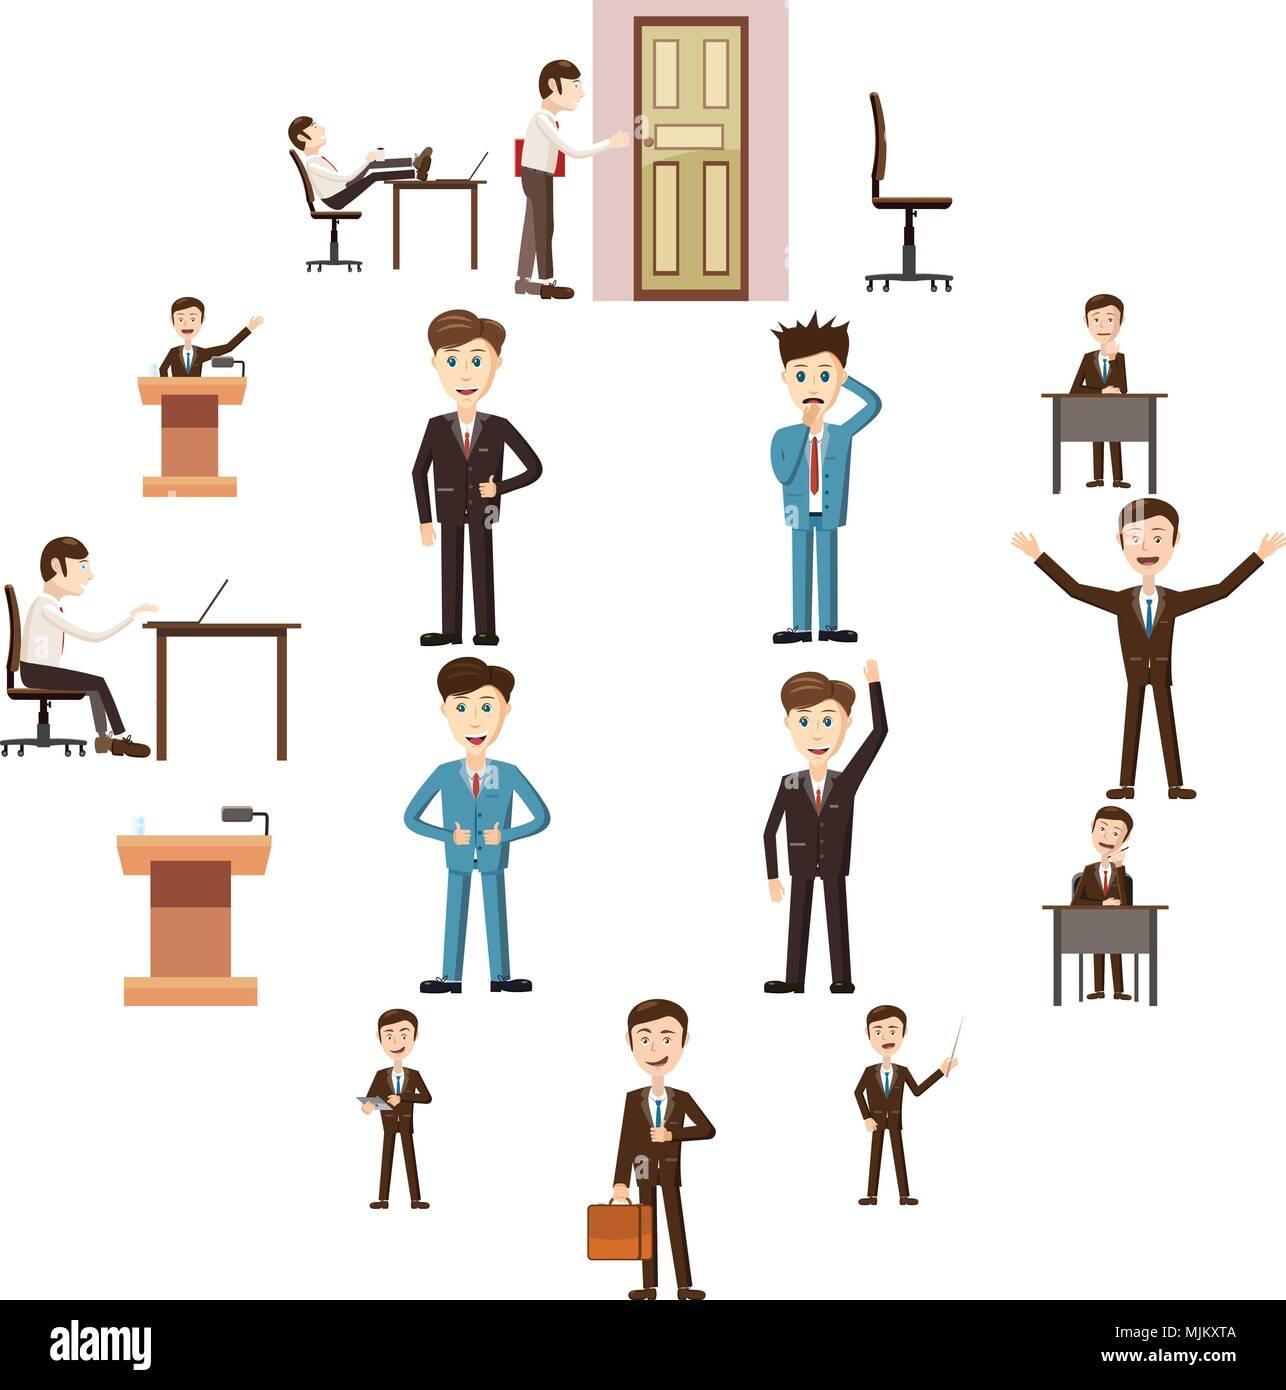 Iconos De Negocios De Estilo De Dibujos Animados La Gestión Y Los